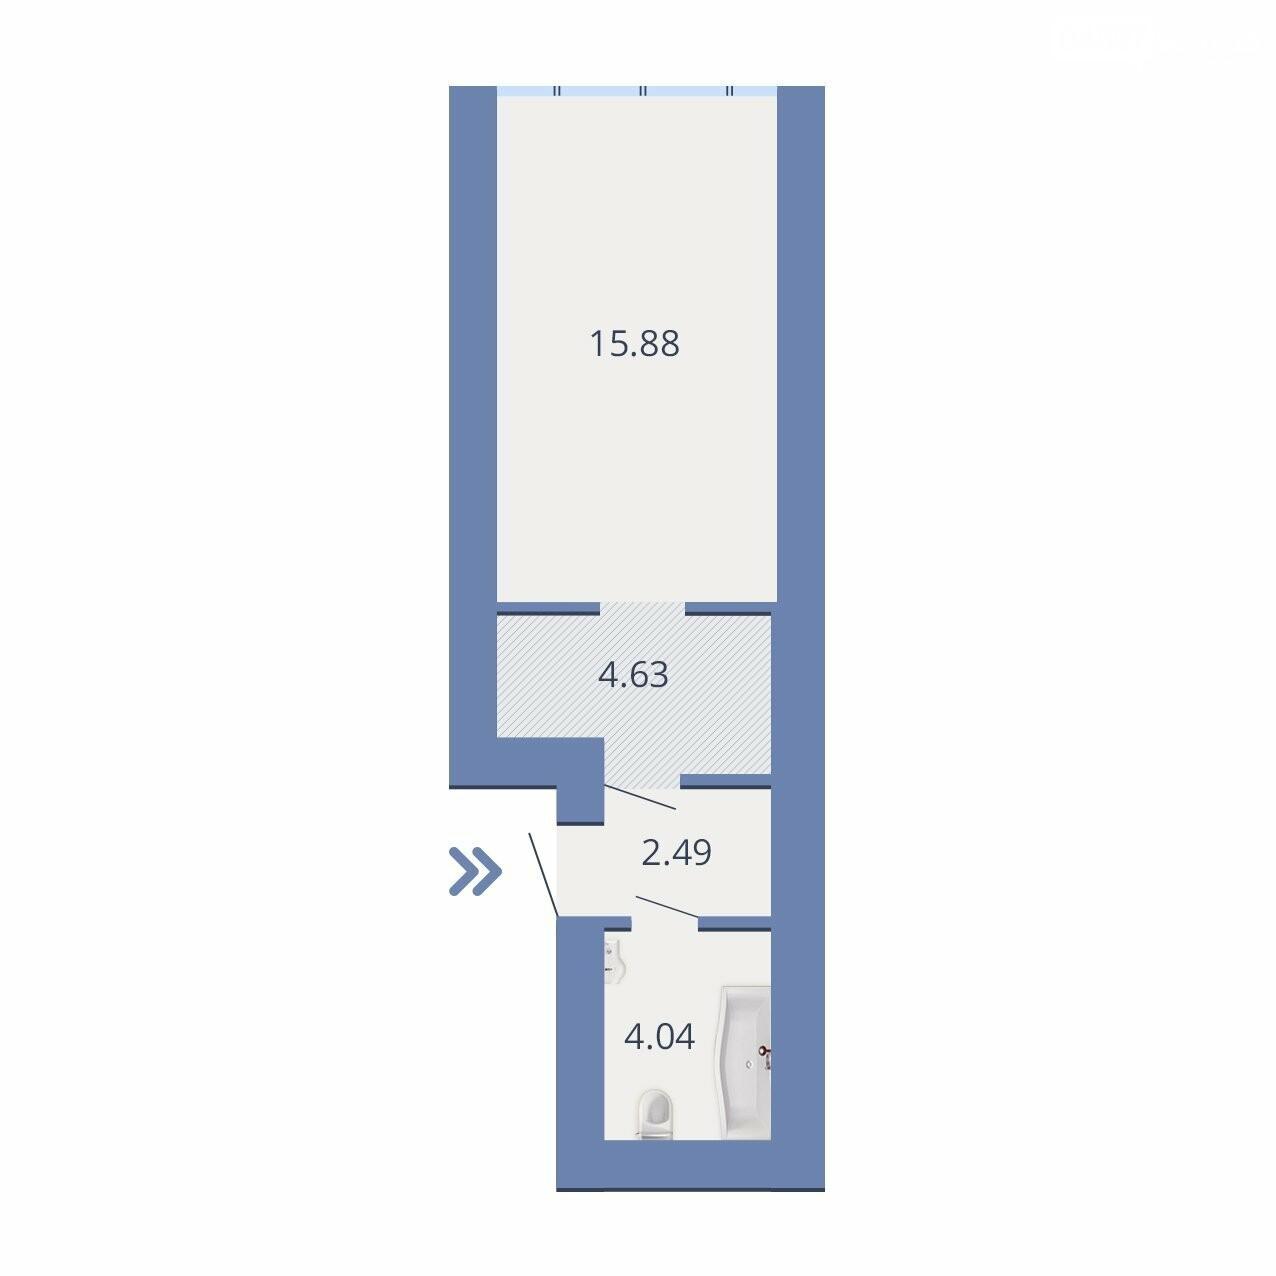 ТОП-6 найдешевших квартир в Ірпені в новобудовах, фото-6